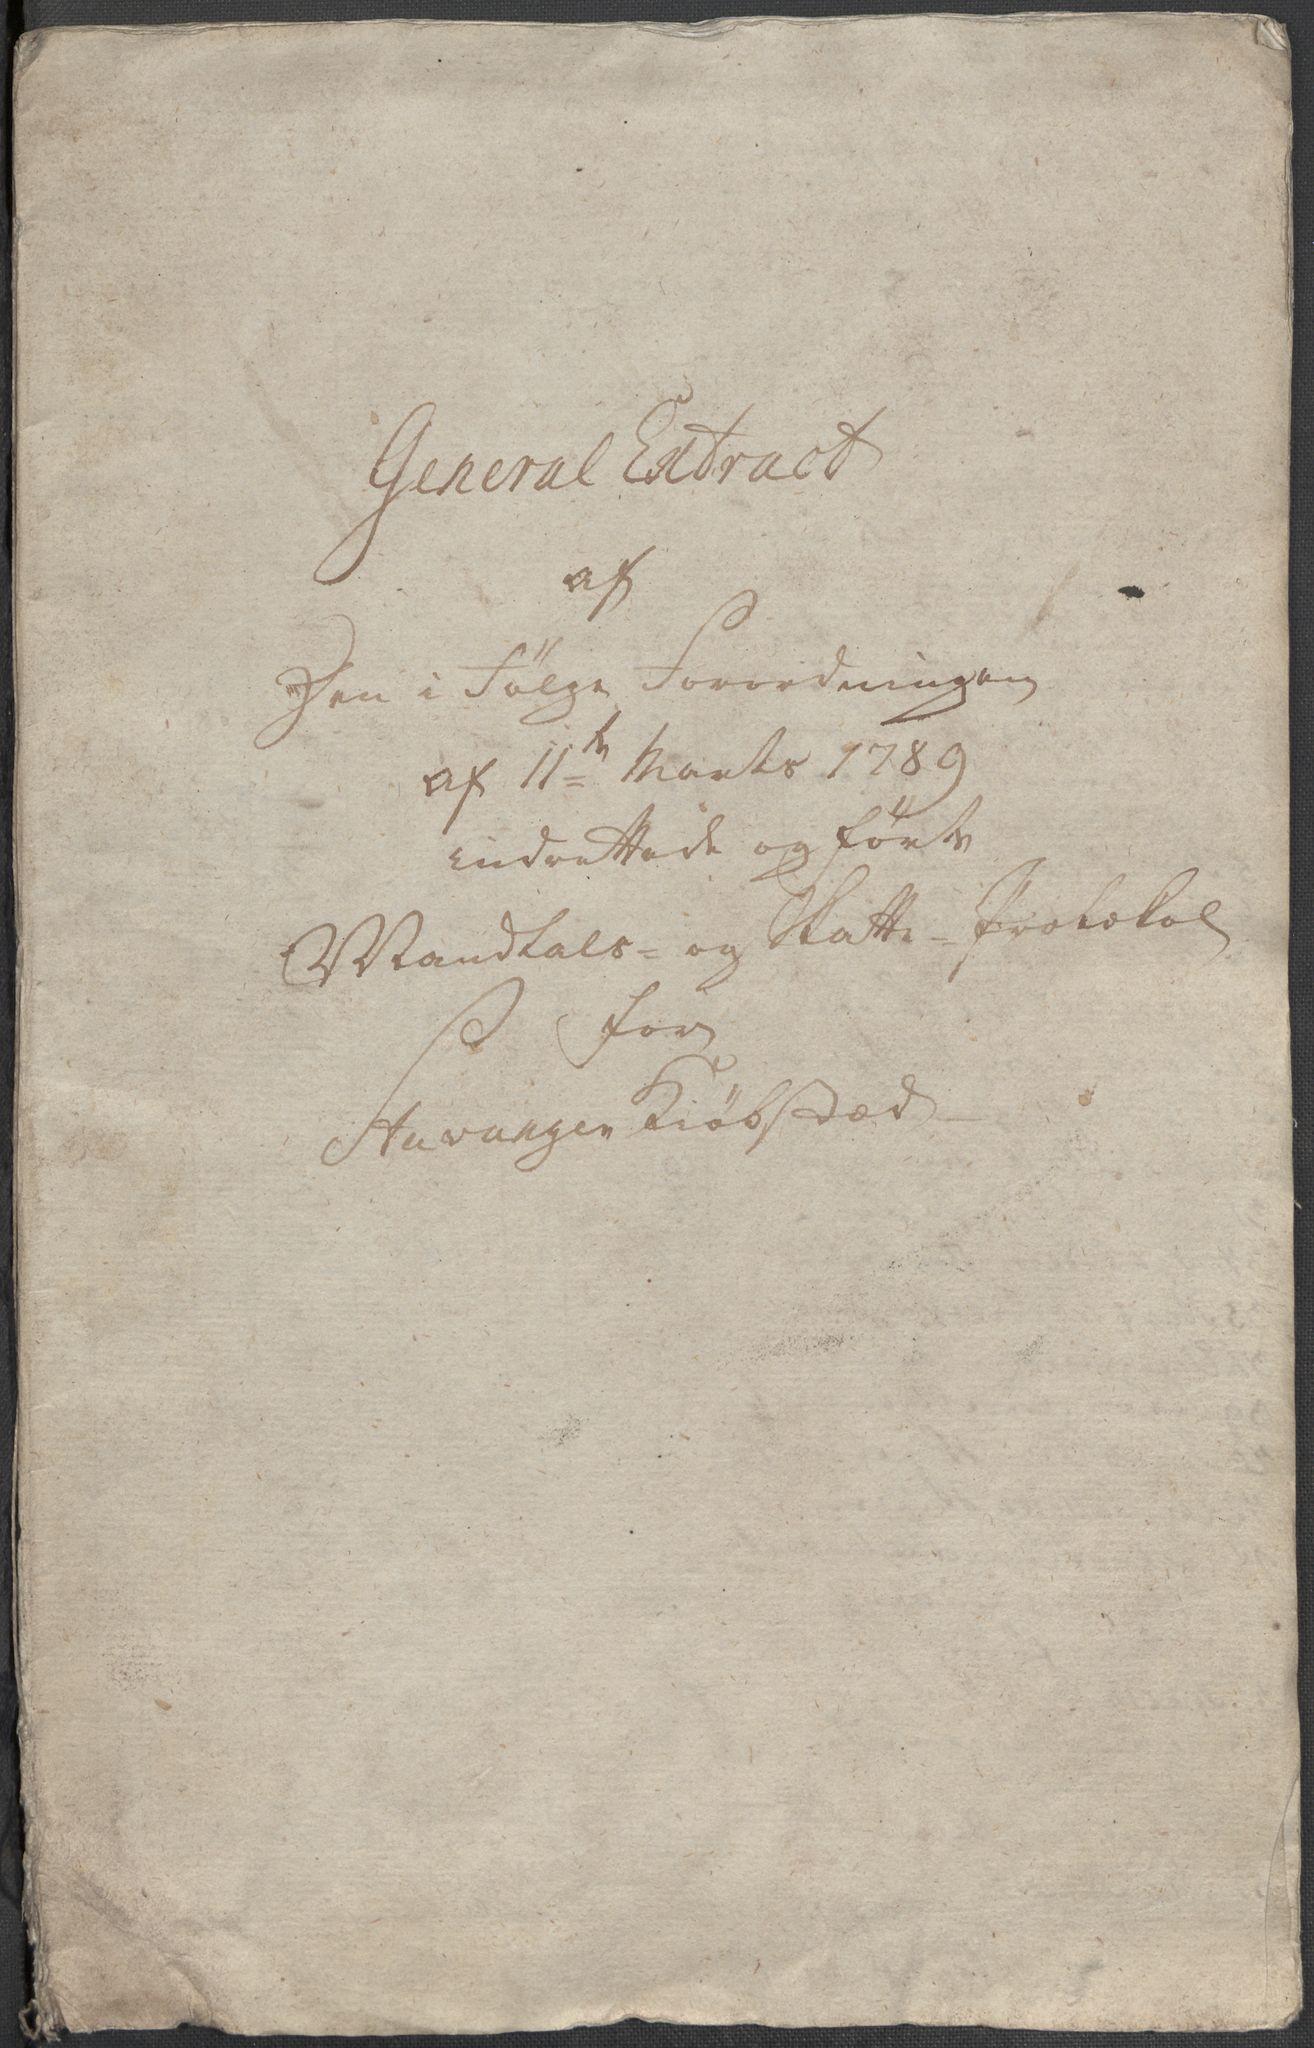 RA, Rentekammeret inntil 1814, Reviderte regnskaper, Mindre regnskaper, Rf/Rfe/L0045: Stavanger, Stjørdal og Verdal fogderi, 1789, s. 25